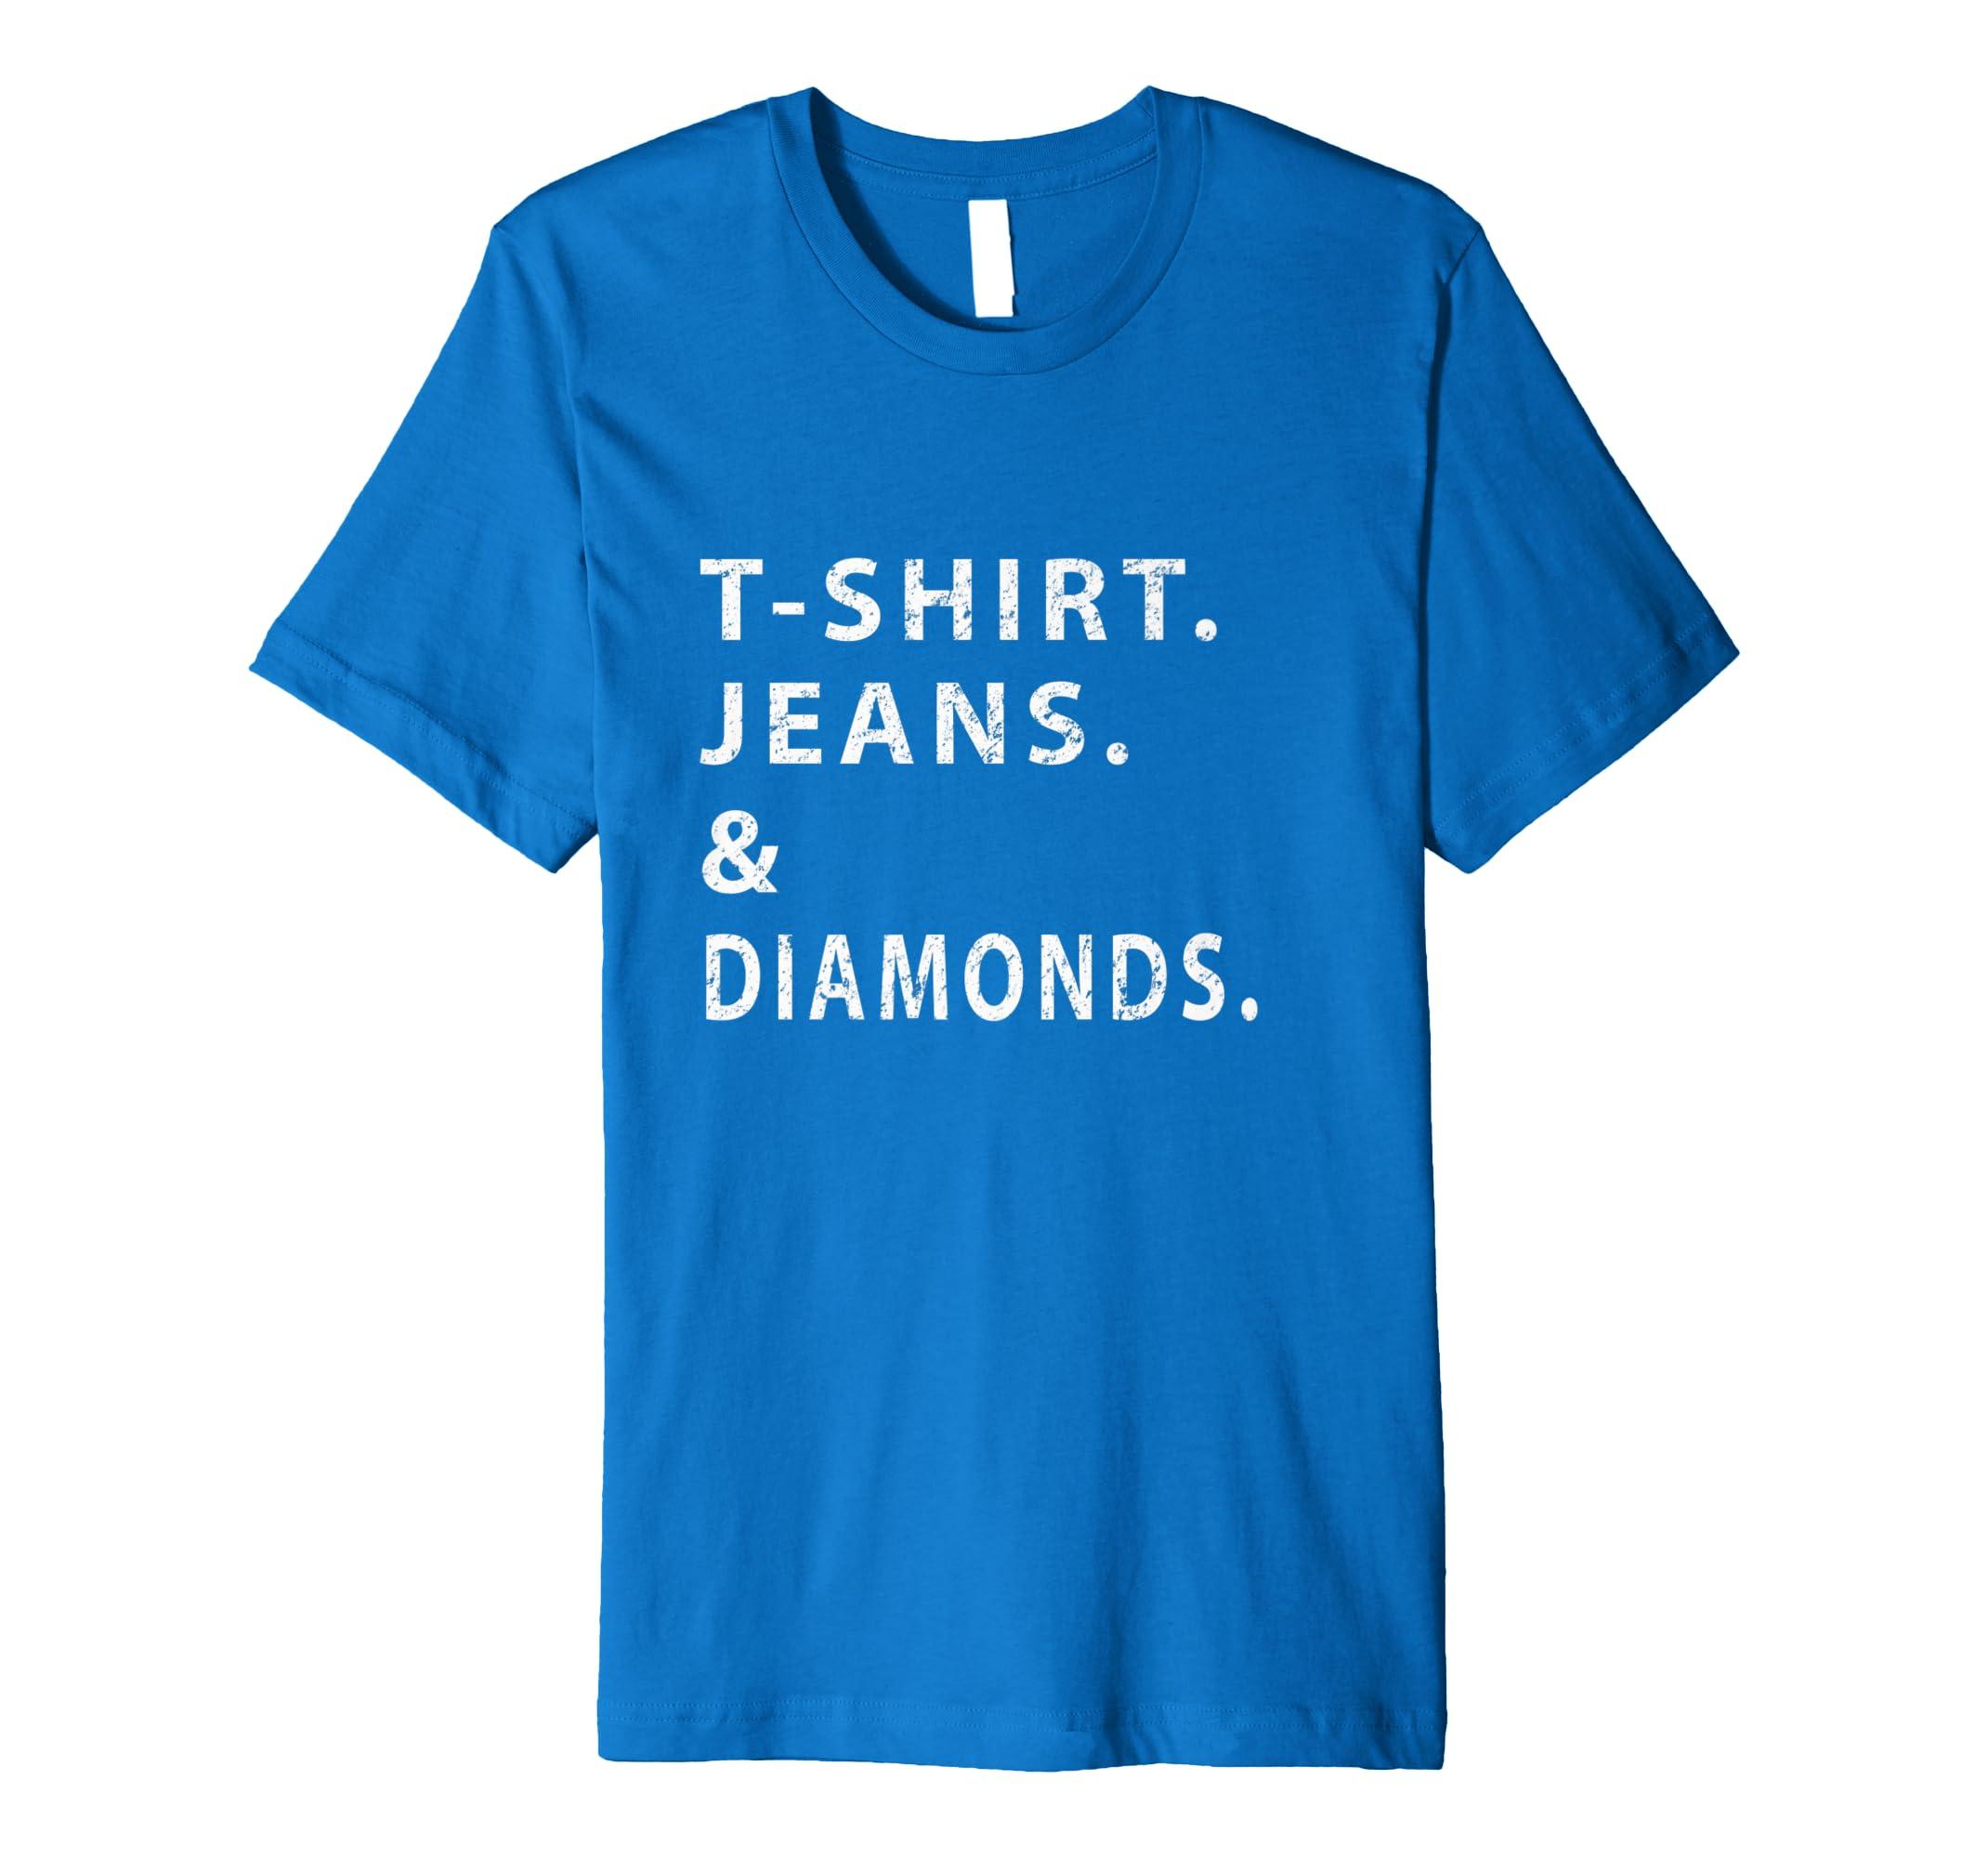 e61d846d56 Amazon.com: T-Shirt. Jeans. Diamonds Shirt. Women's Celebrity ...